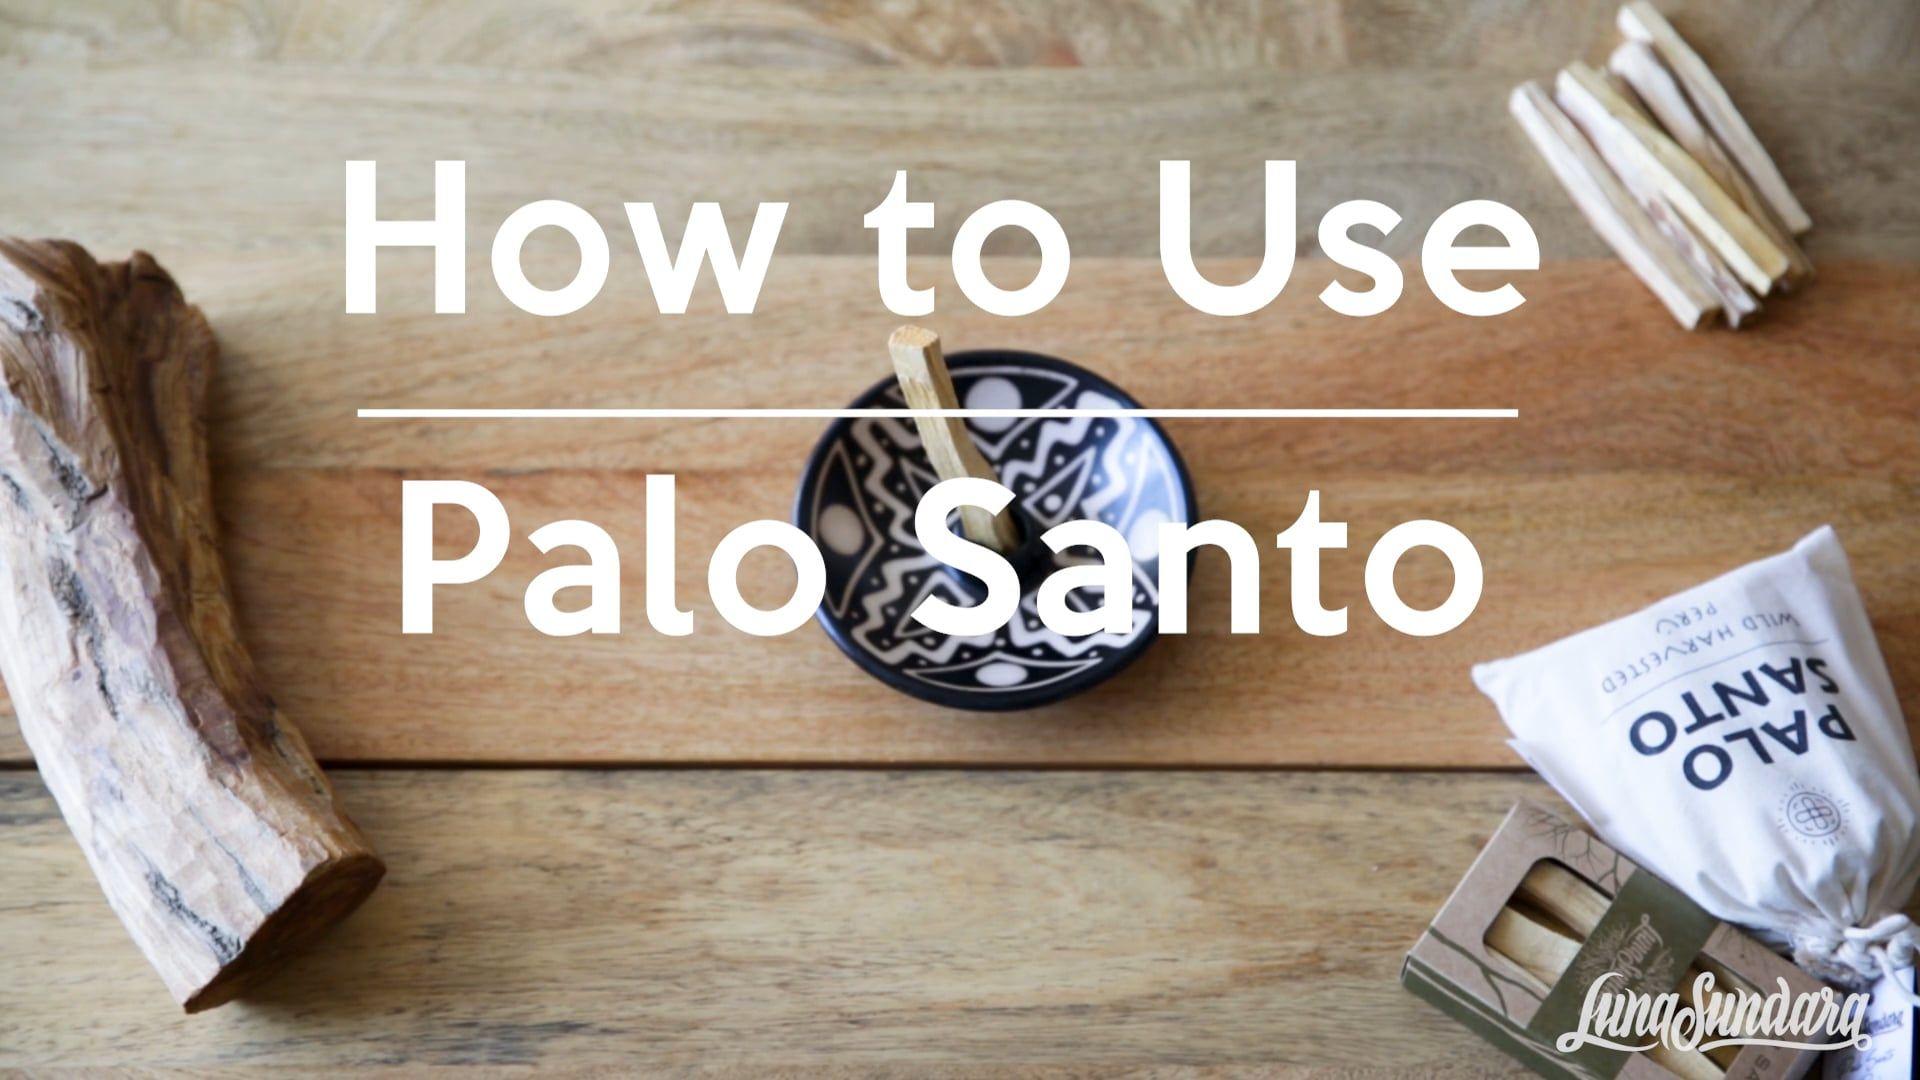 How to Burn and Use Palo Santo by Luna Sundara Palo